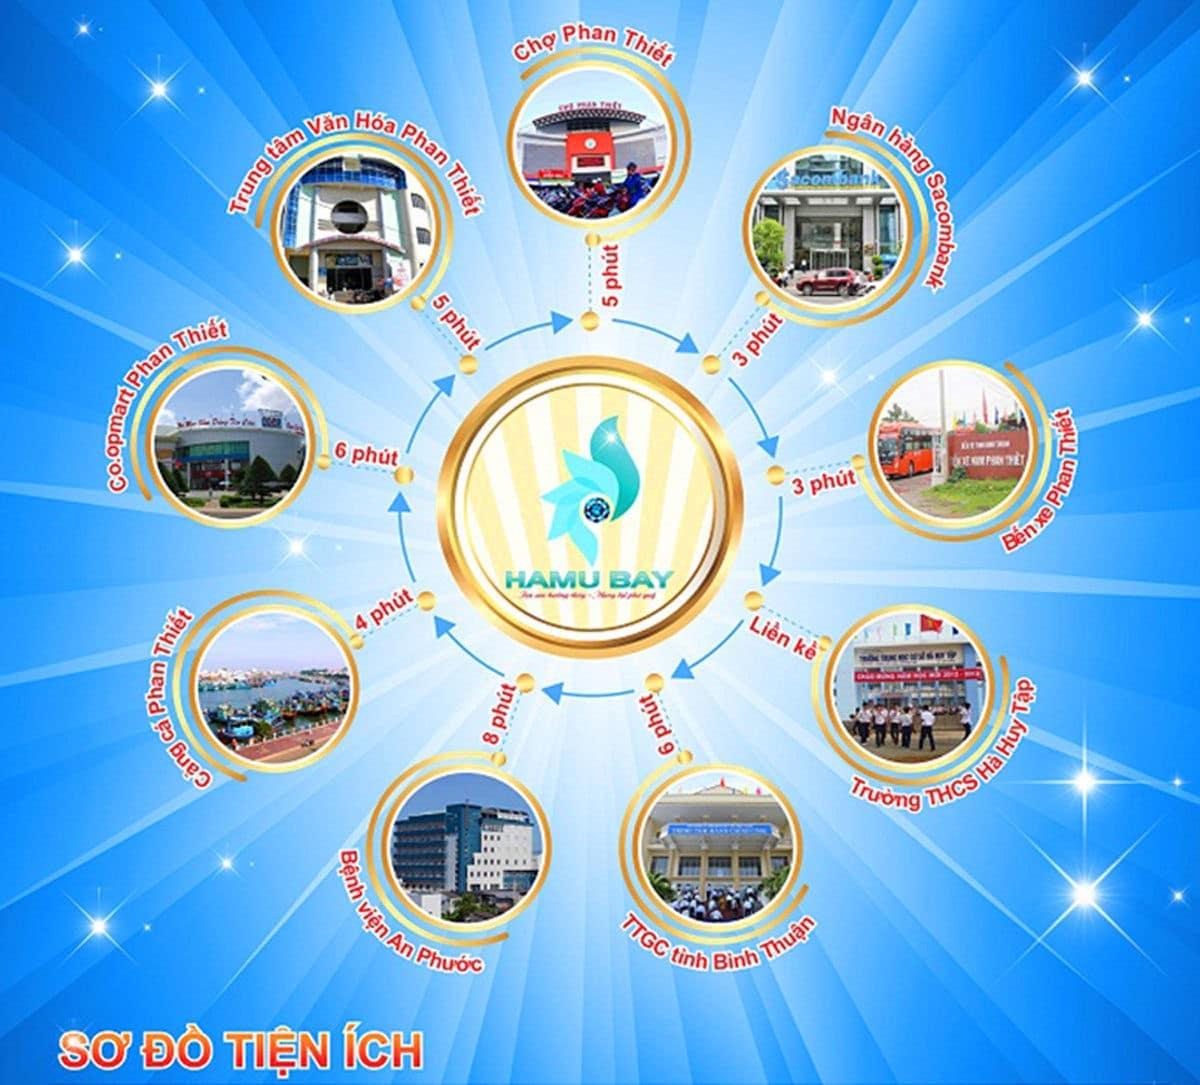 Tiện ích kết nối khu vực Dự án Hamubay Phan Thiết